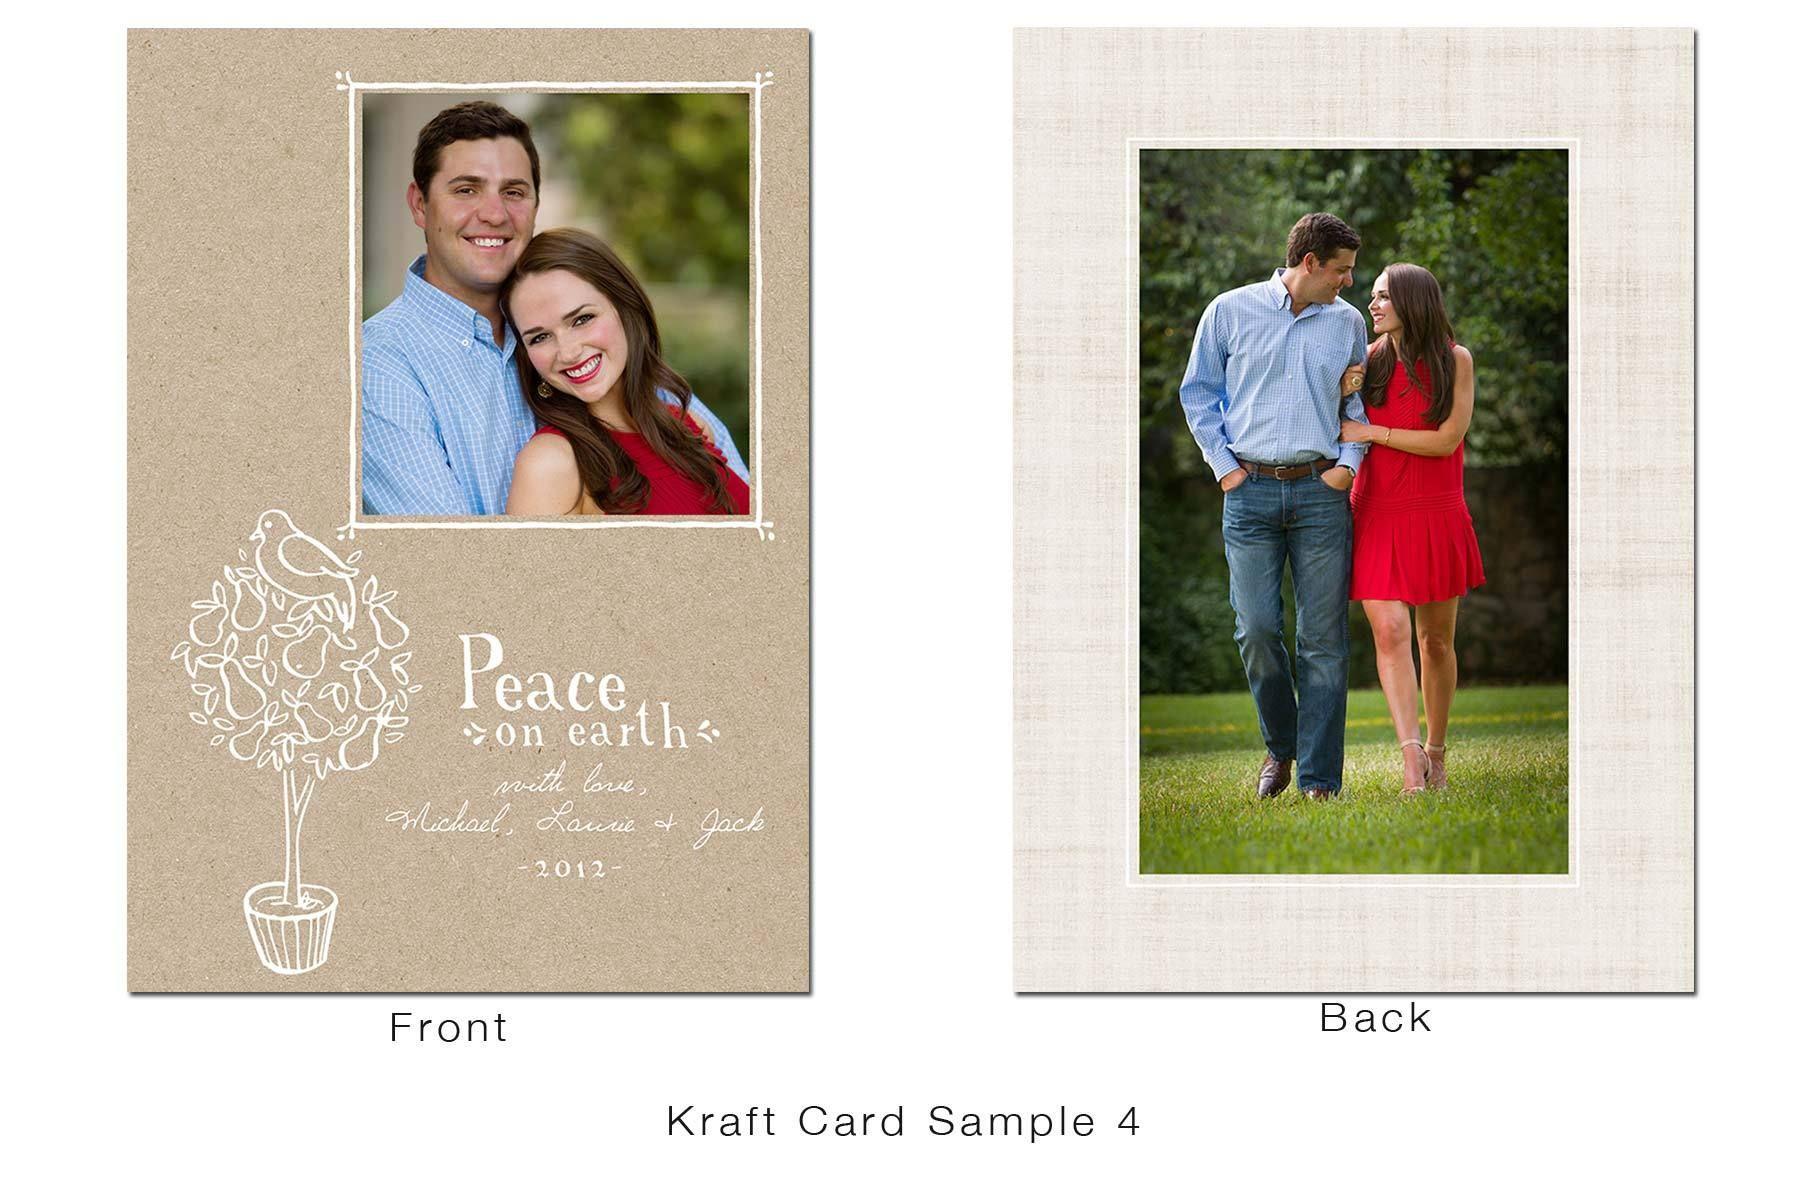 1kraft_card_sample_4.jpg